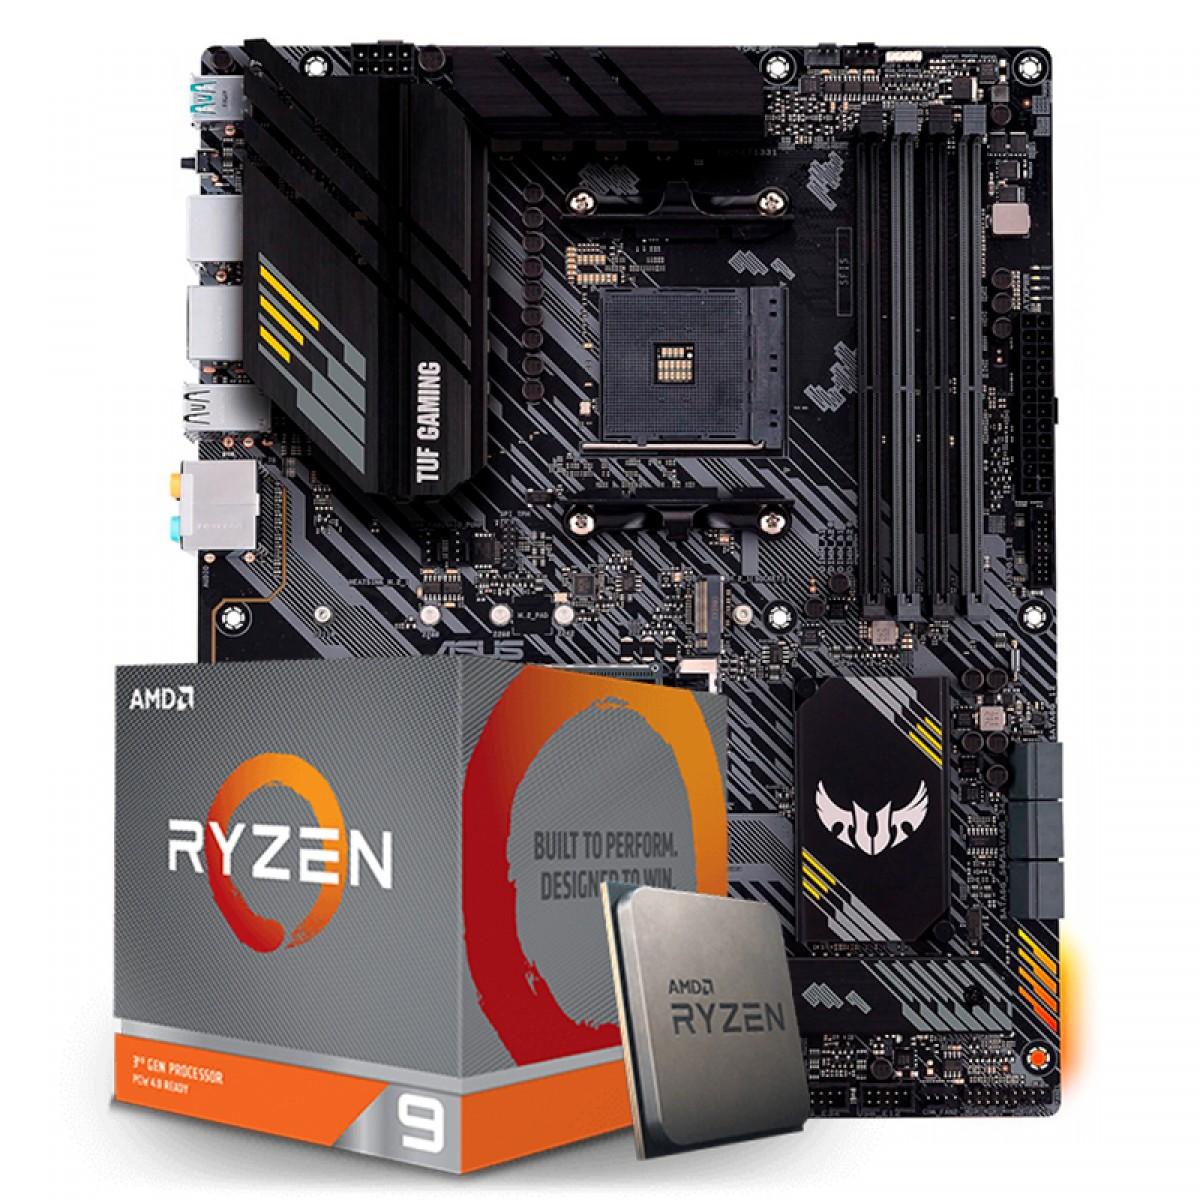 Kit Upgrade, AMD Ryzen 9 3900XT, Asus TUF Gaming B550-Plus